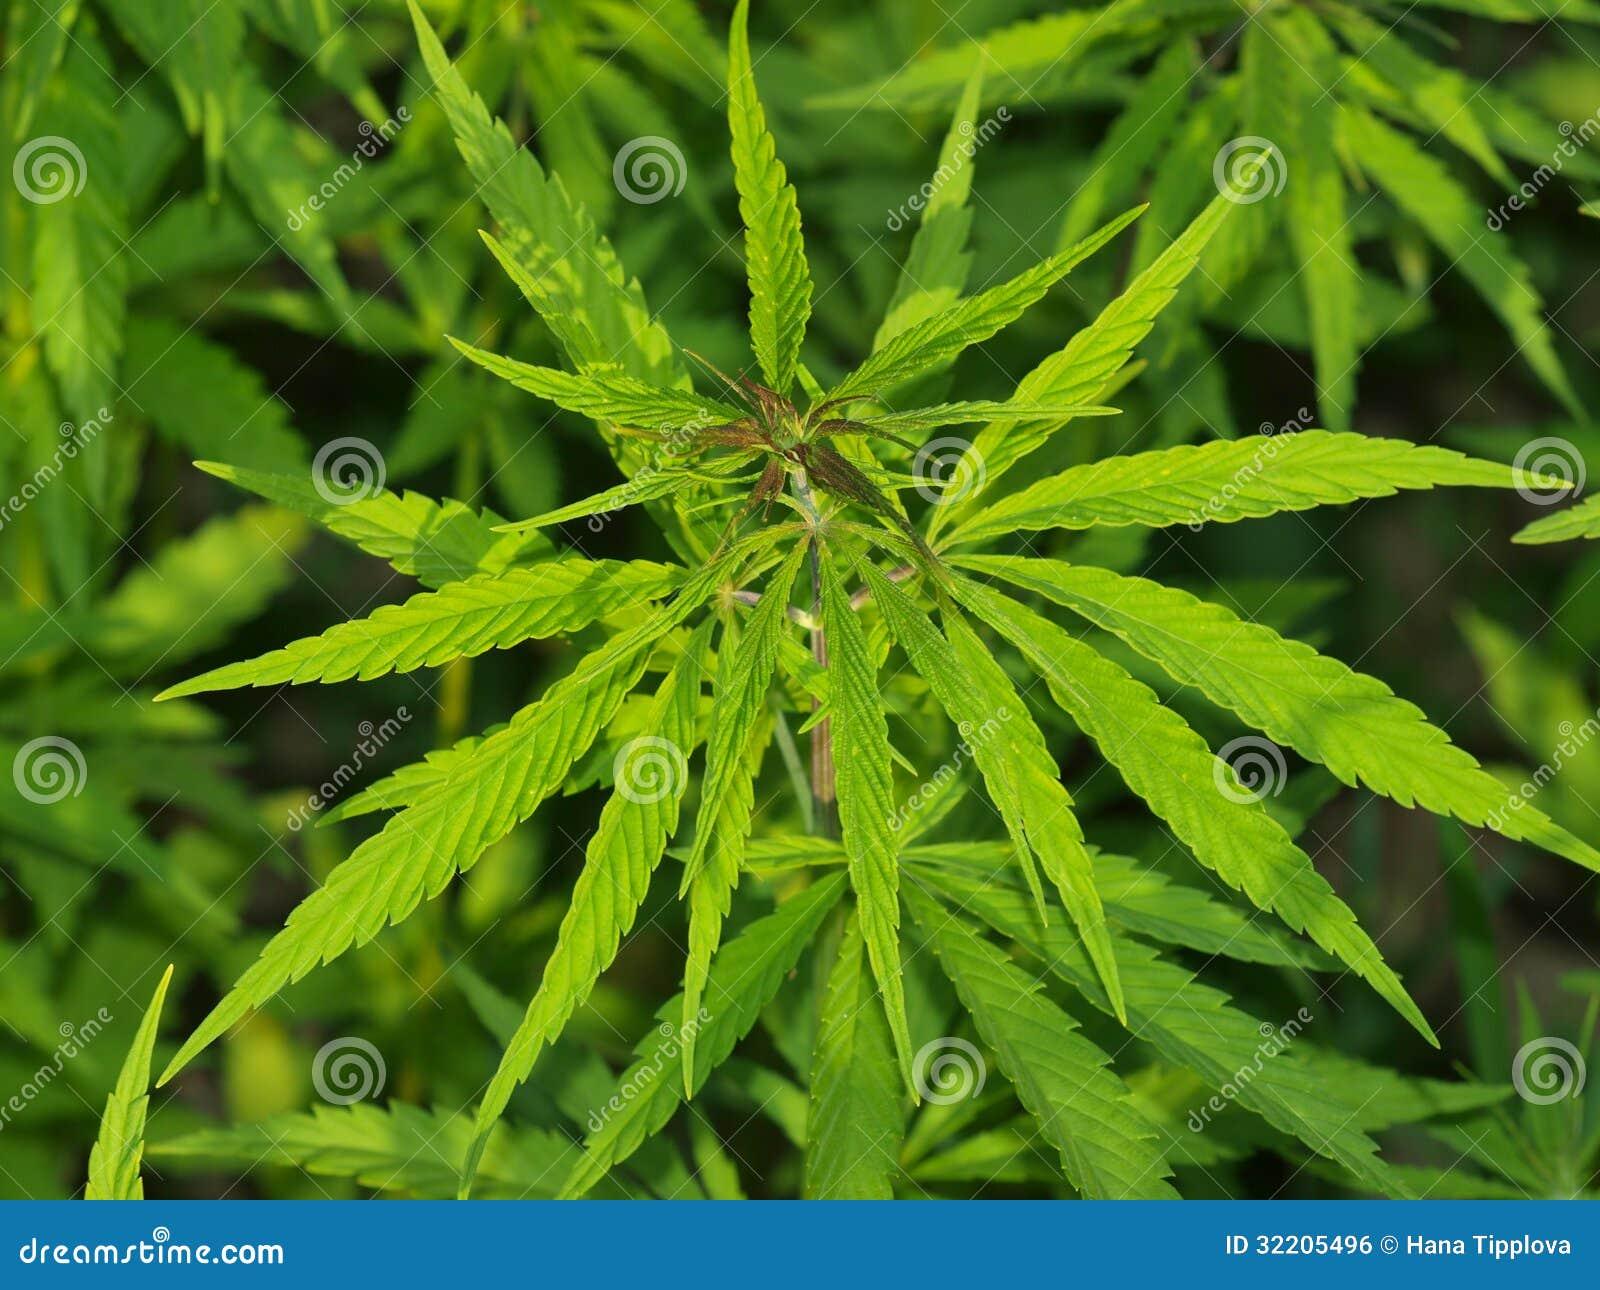 Growing industrial hemp